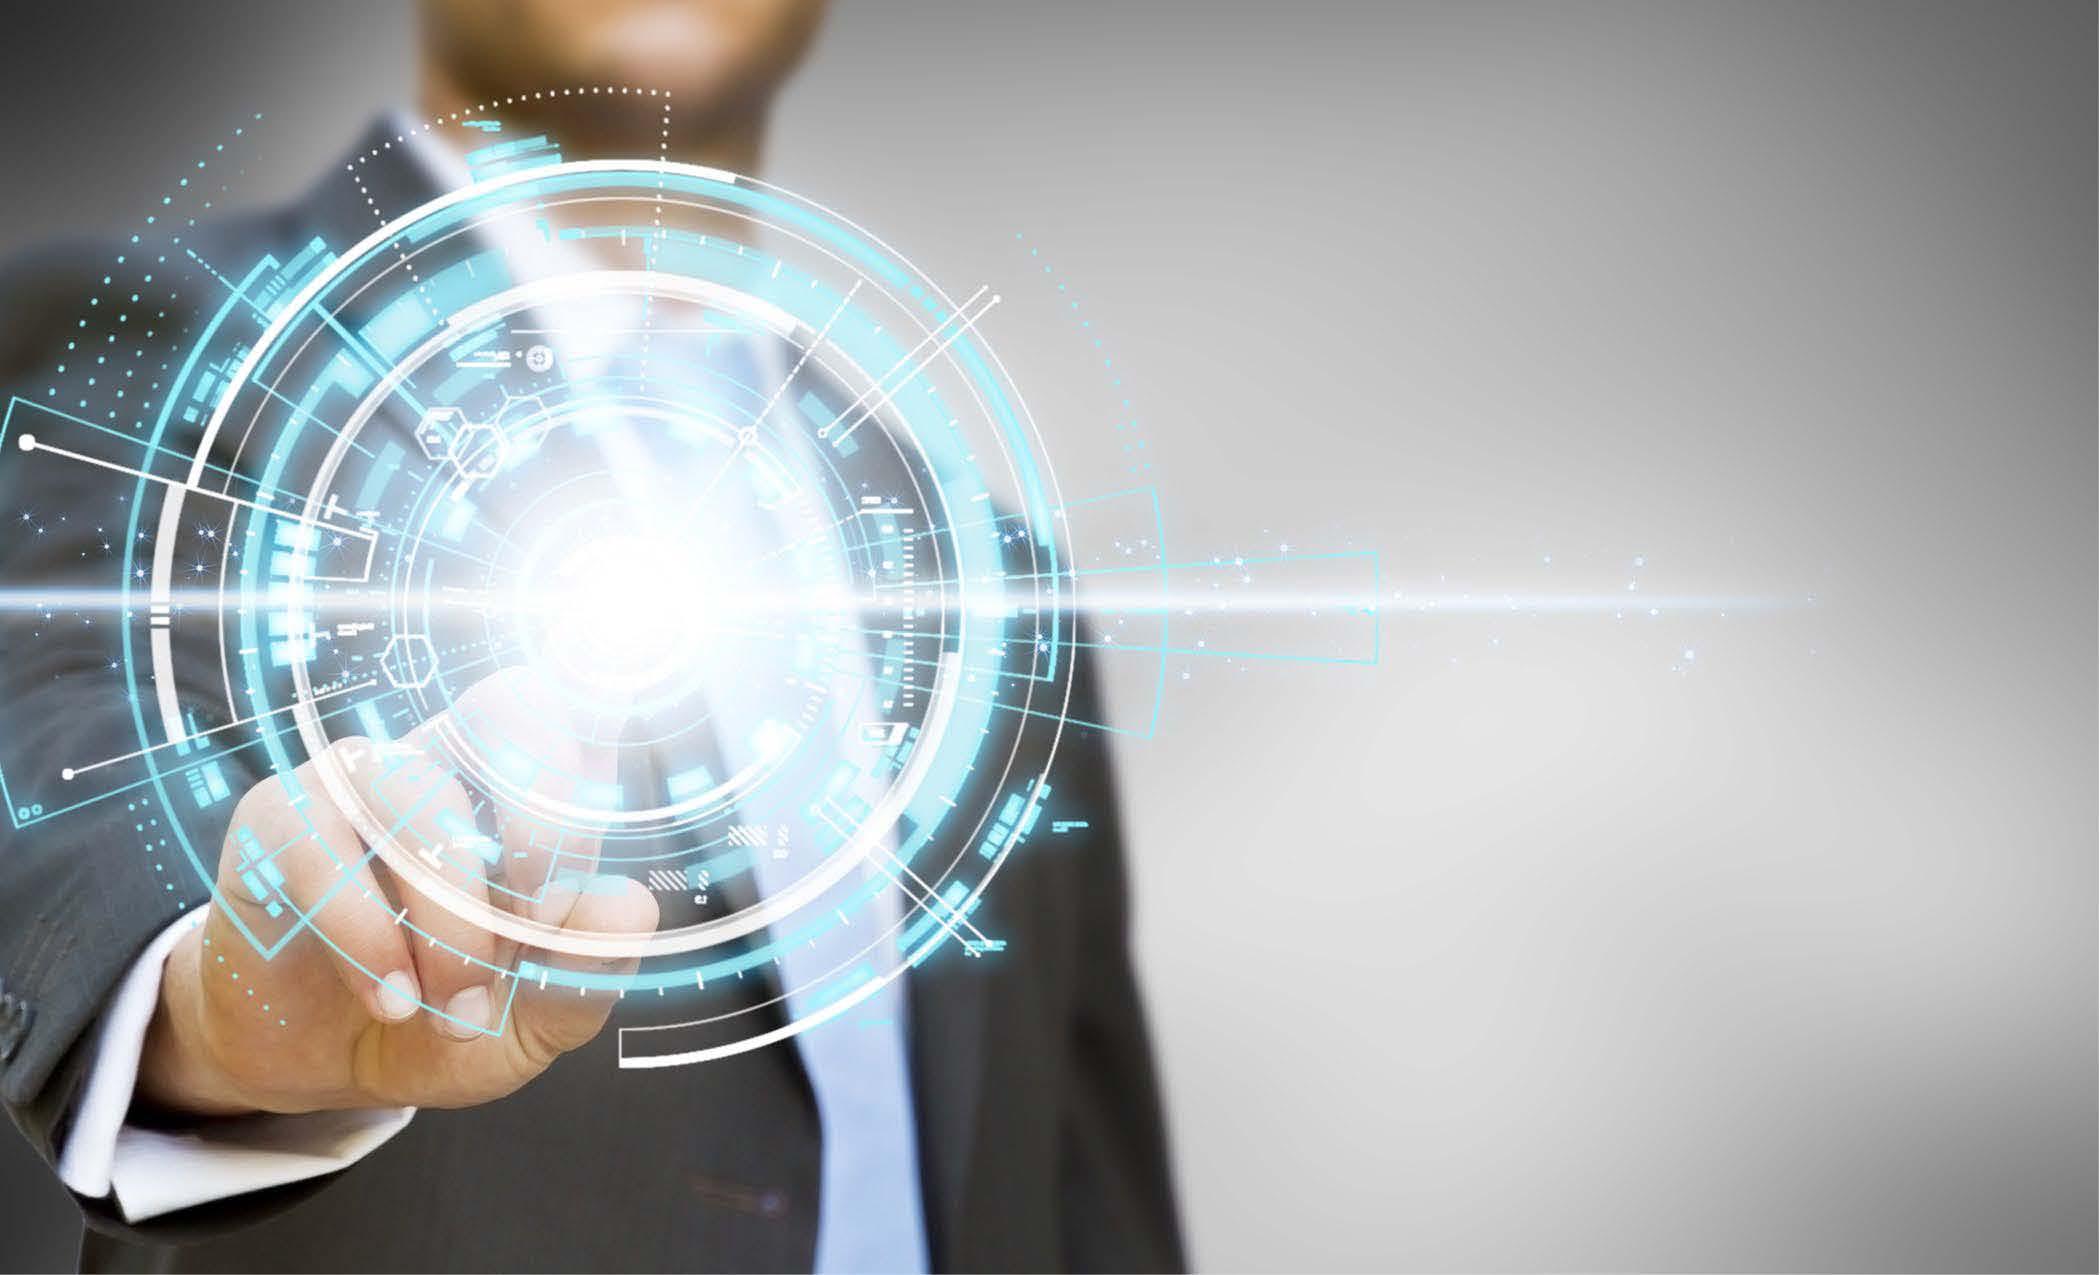 Фонд развития IT поддержит разработку российских цифровых решений